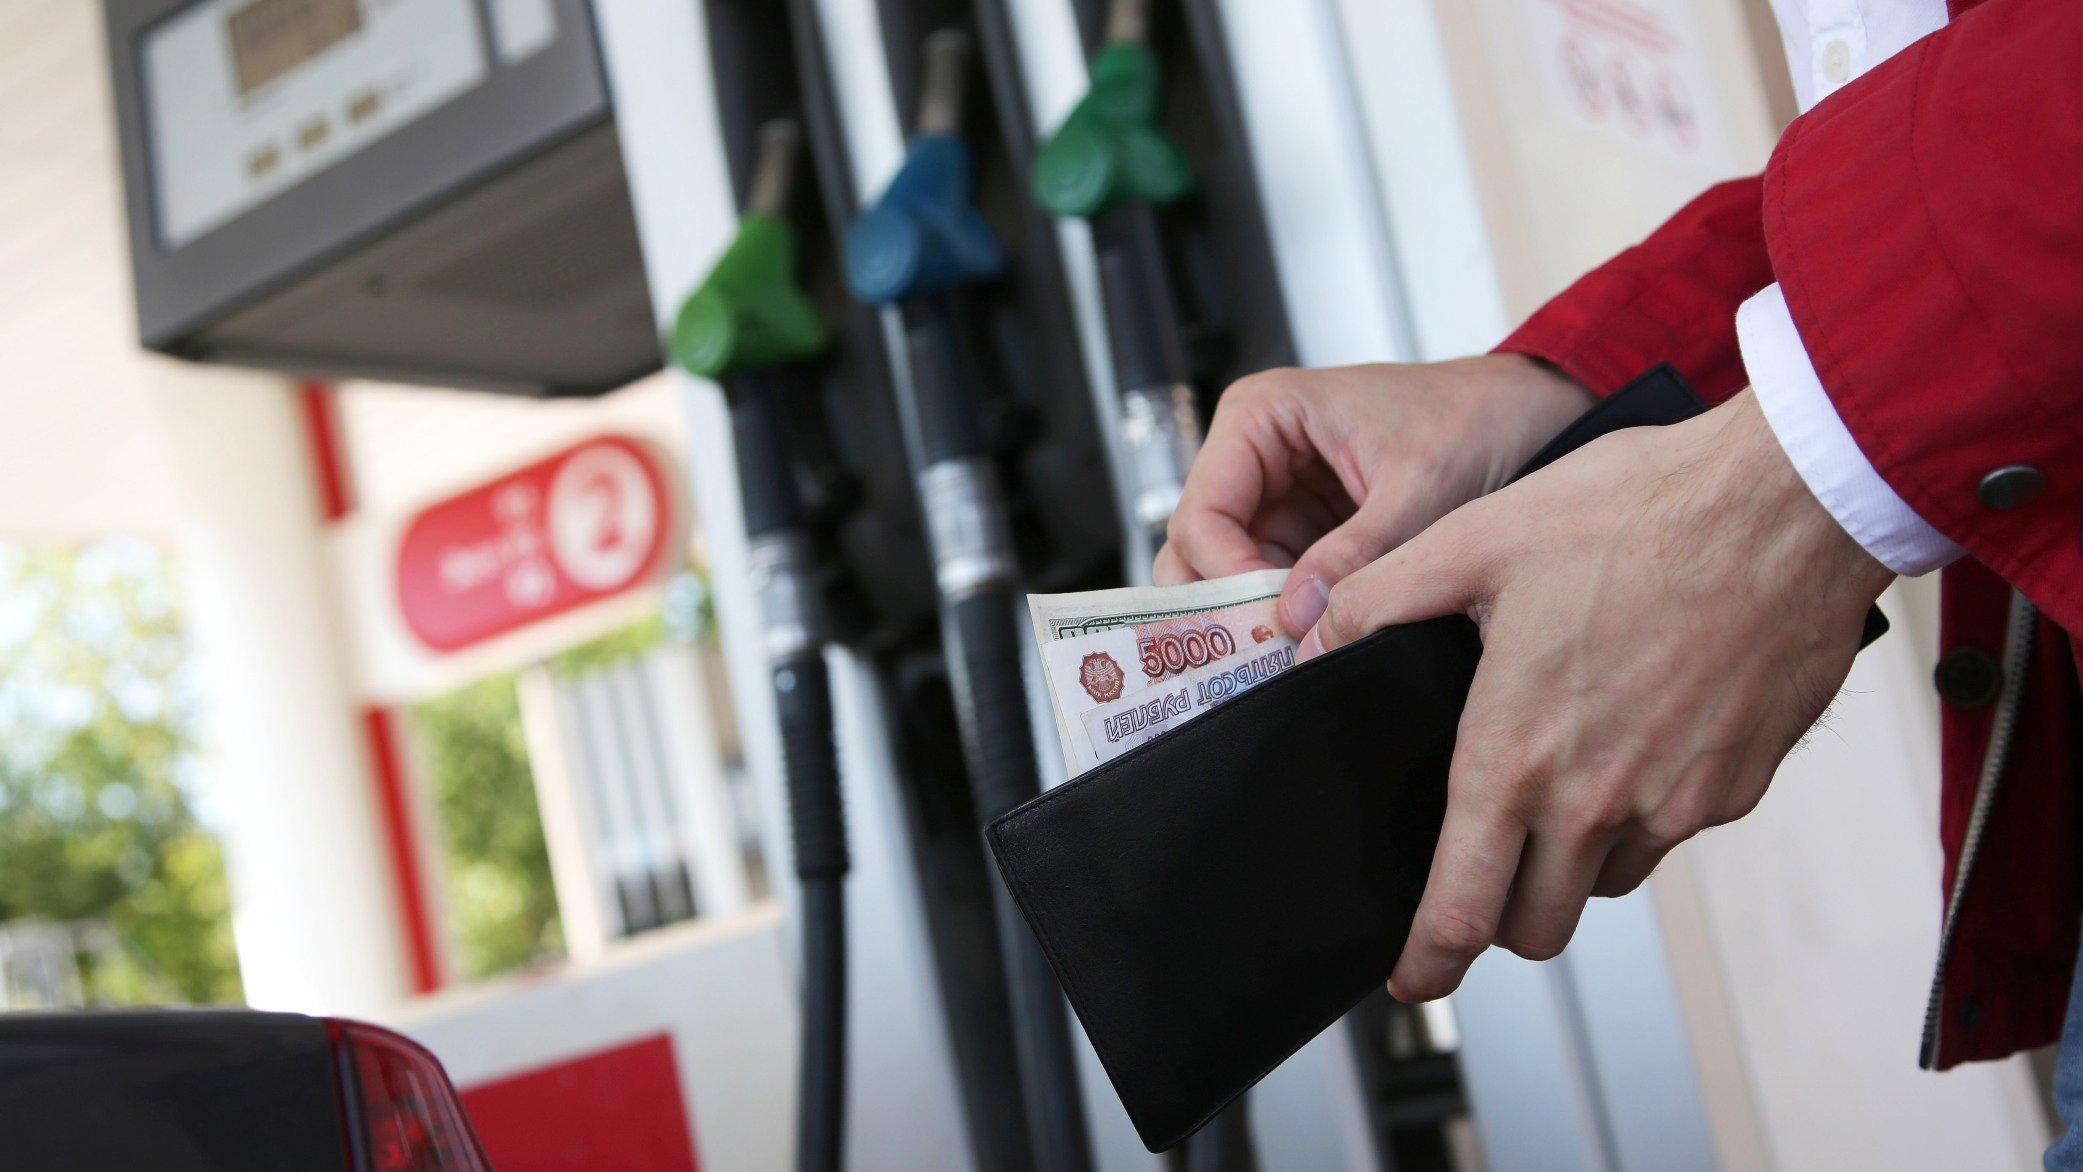 Картинка цен на бензин